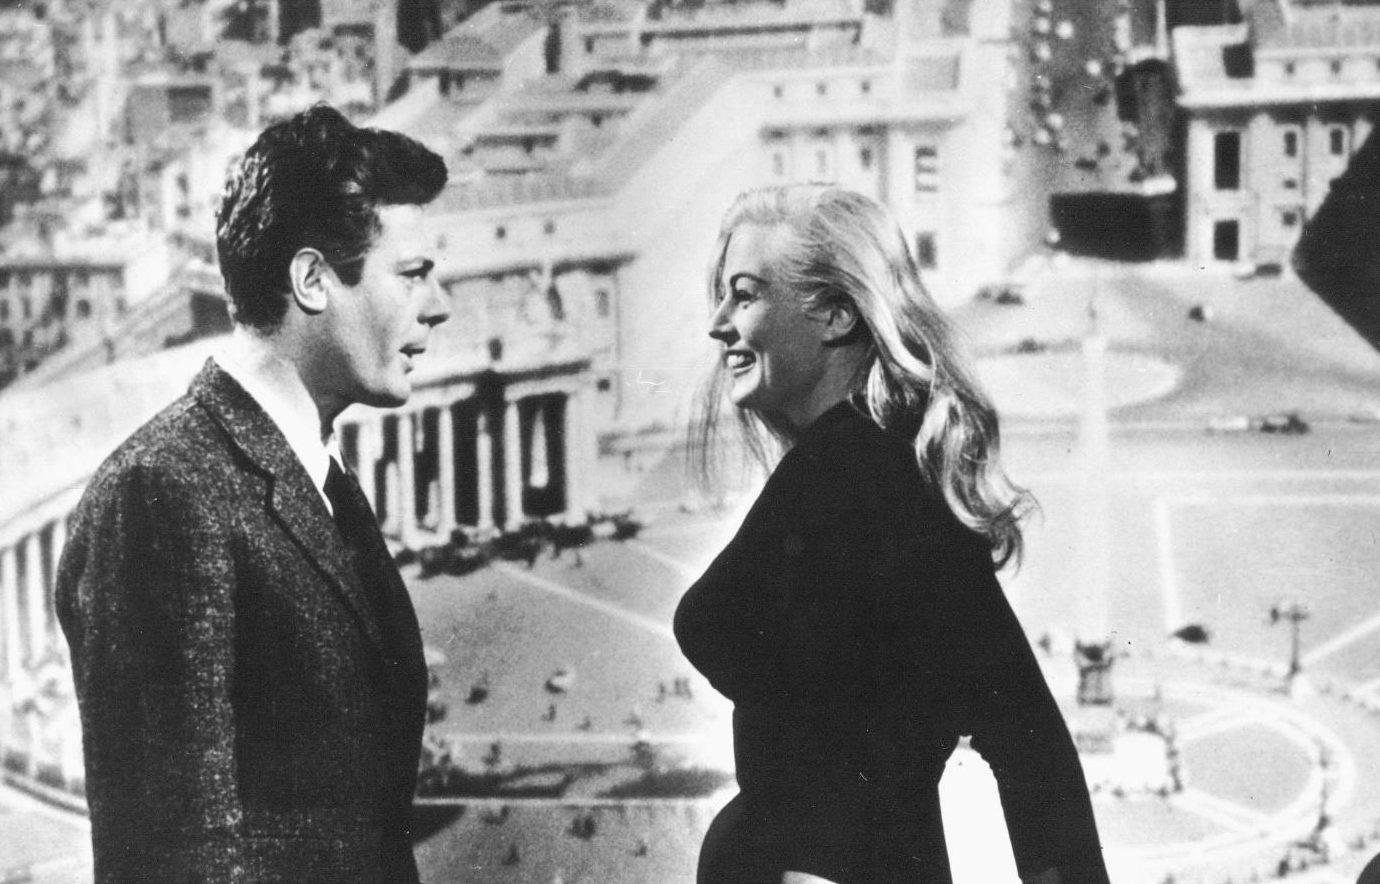 elegancki młody mężczyzna i elegancka młoda kobieta patrzą na siebie i śmiechają się